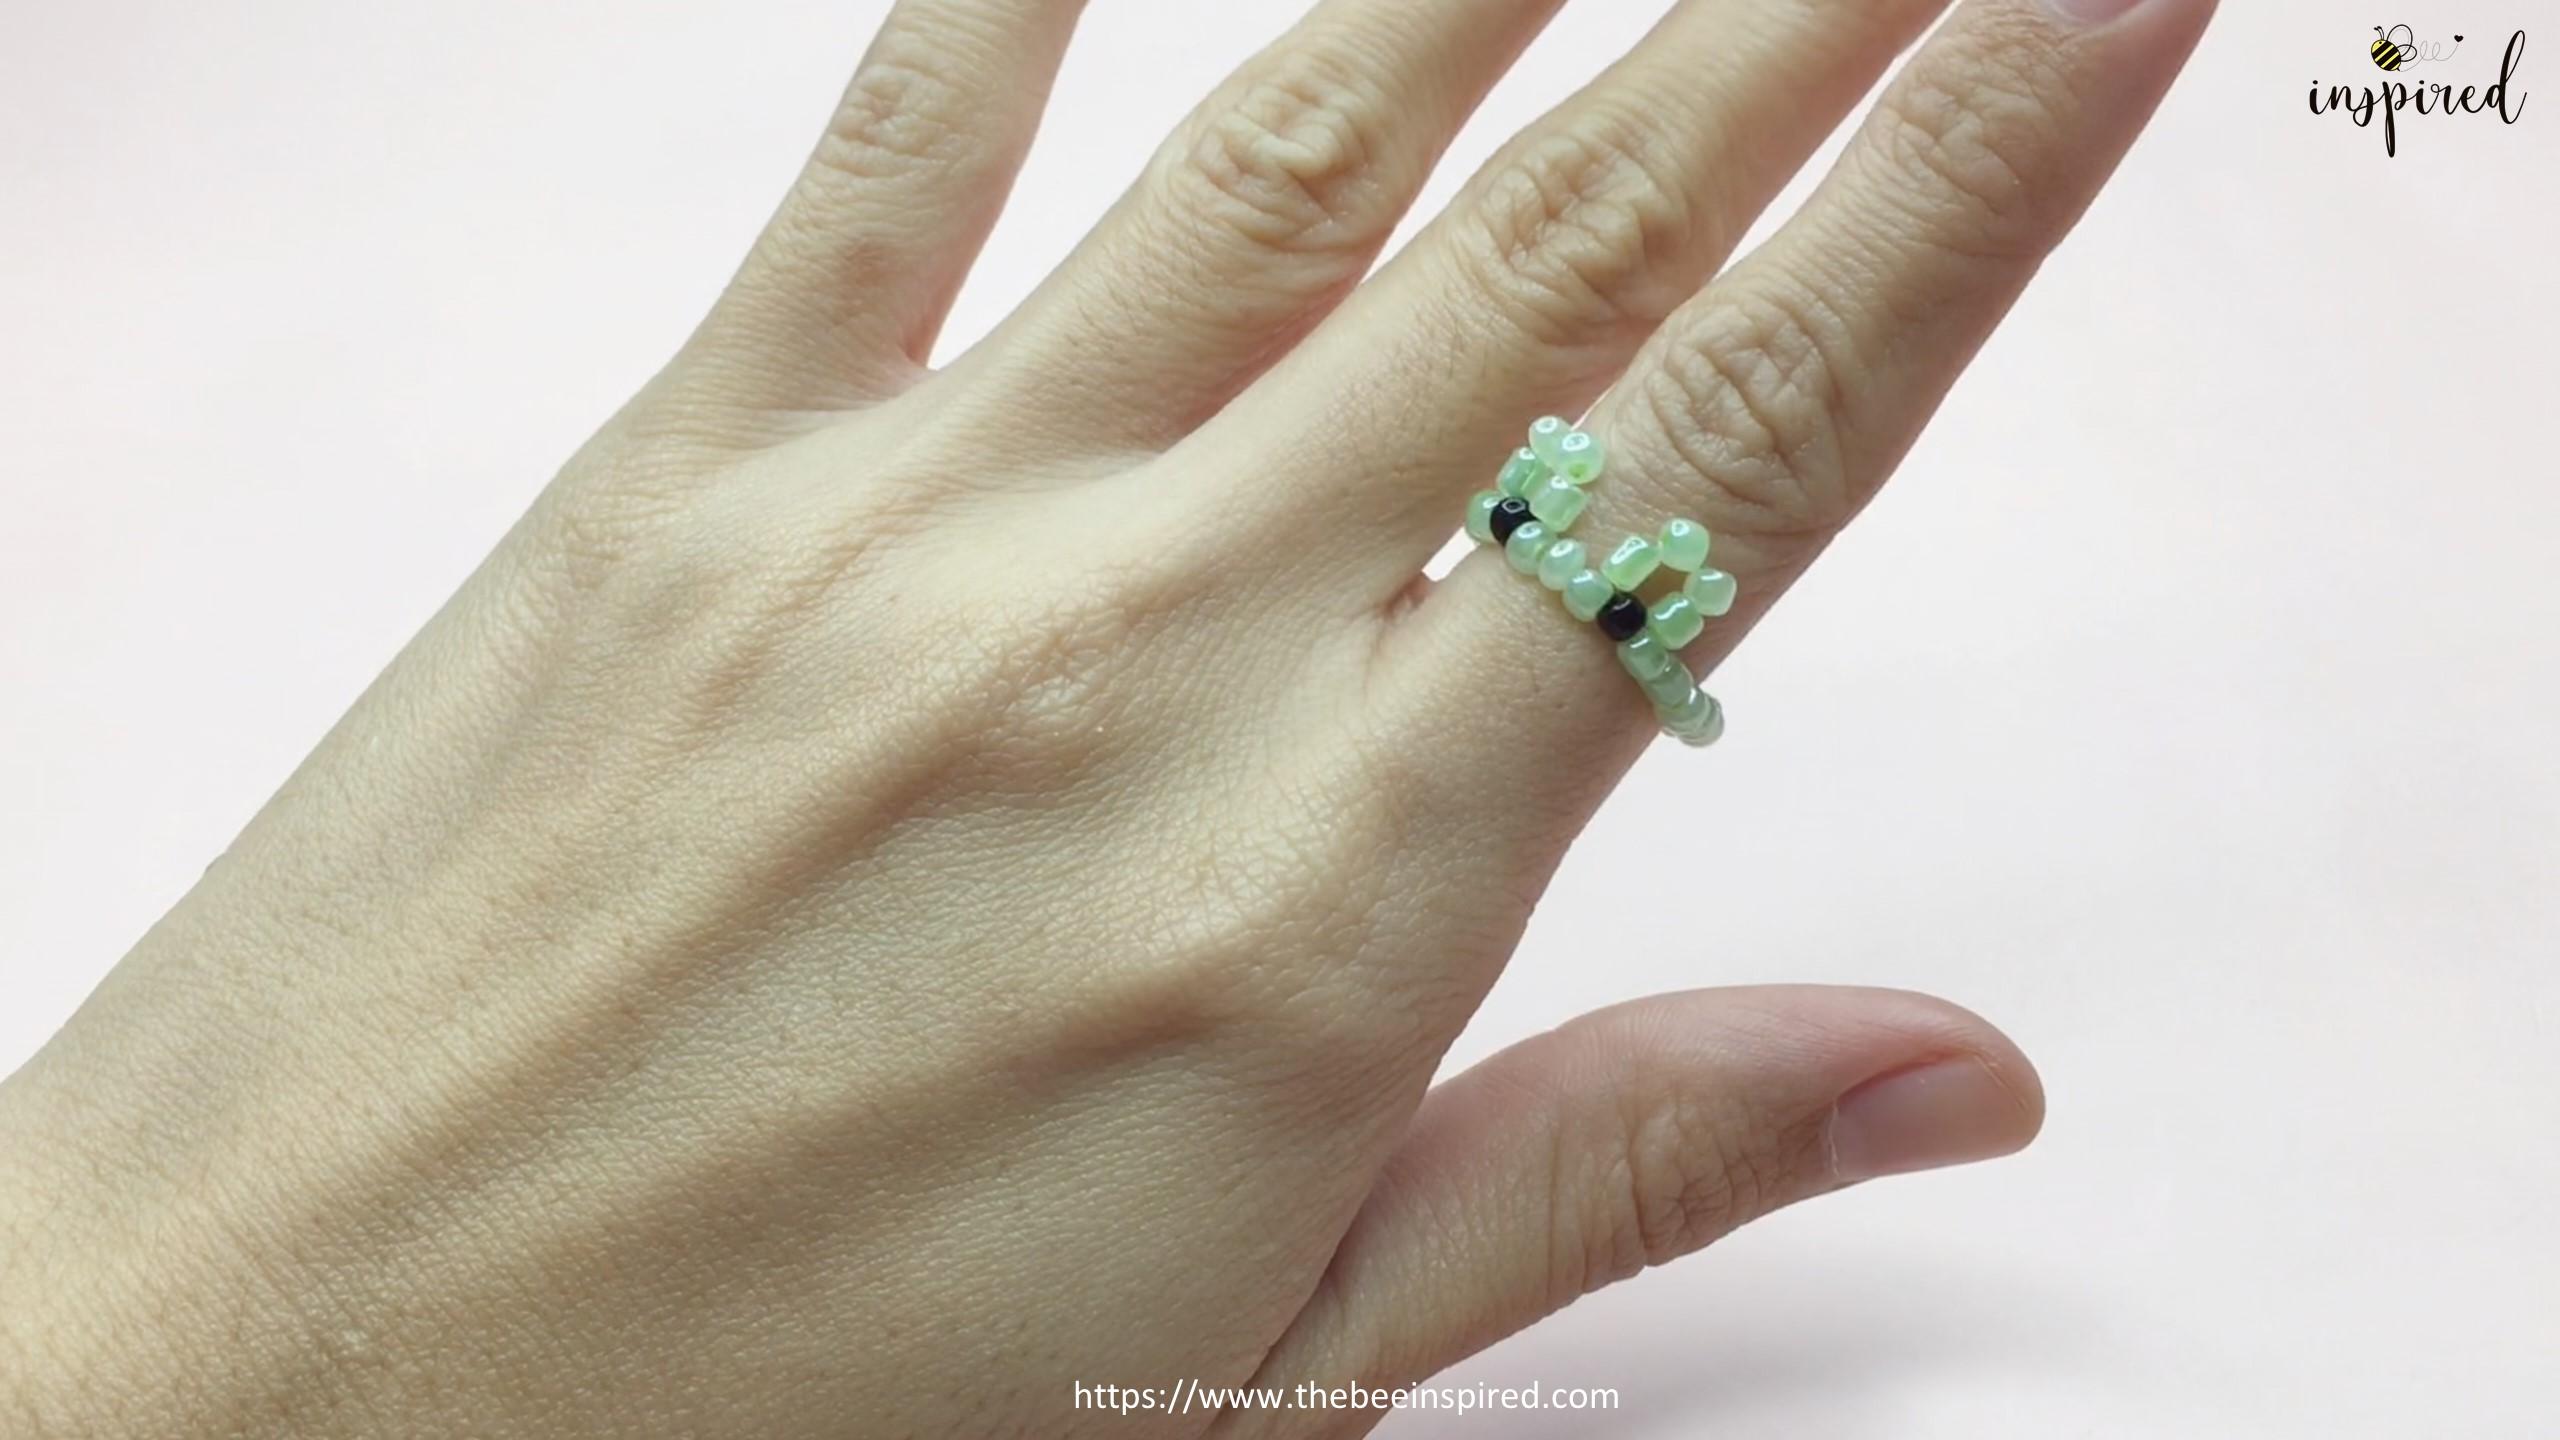 สอนร้อยแหวนลูกปัดลายกบ Kero ทำง่ายๆ สไตล์เกาหลี - How to Make Kero Frog Beaded Ring_16